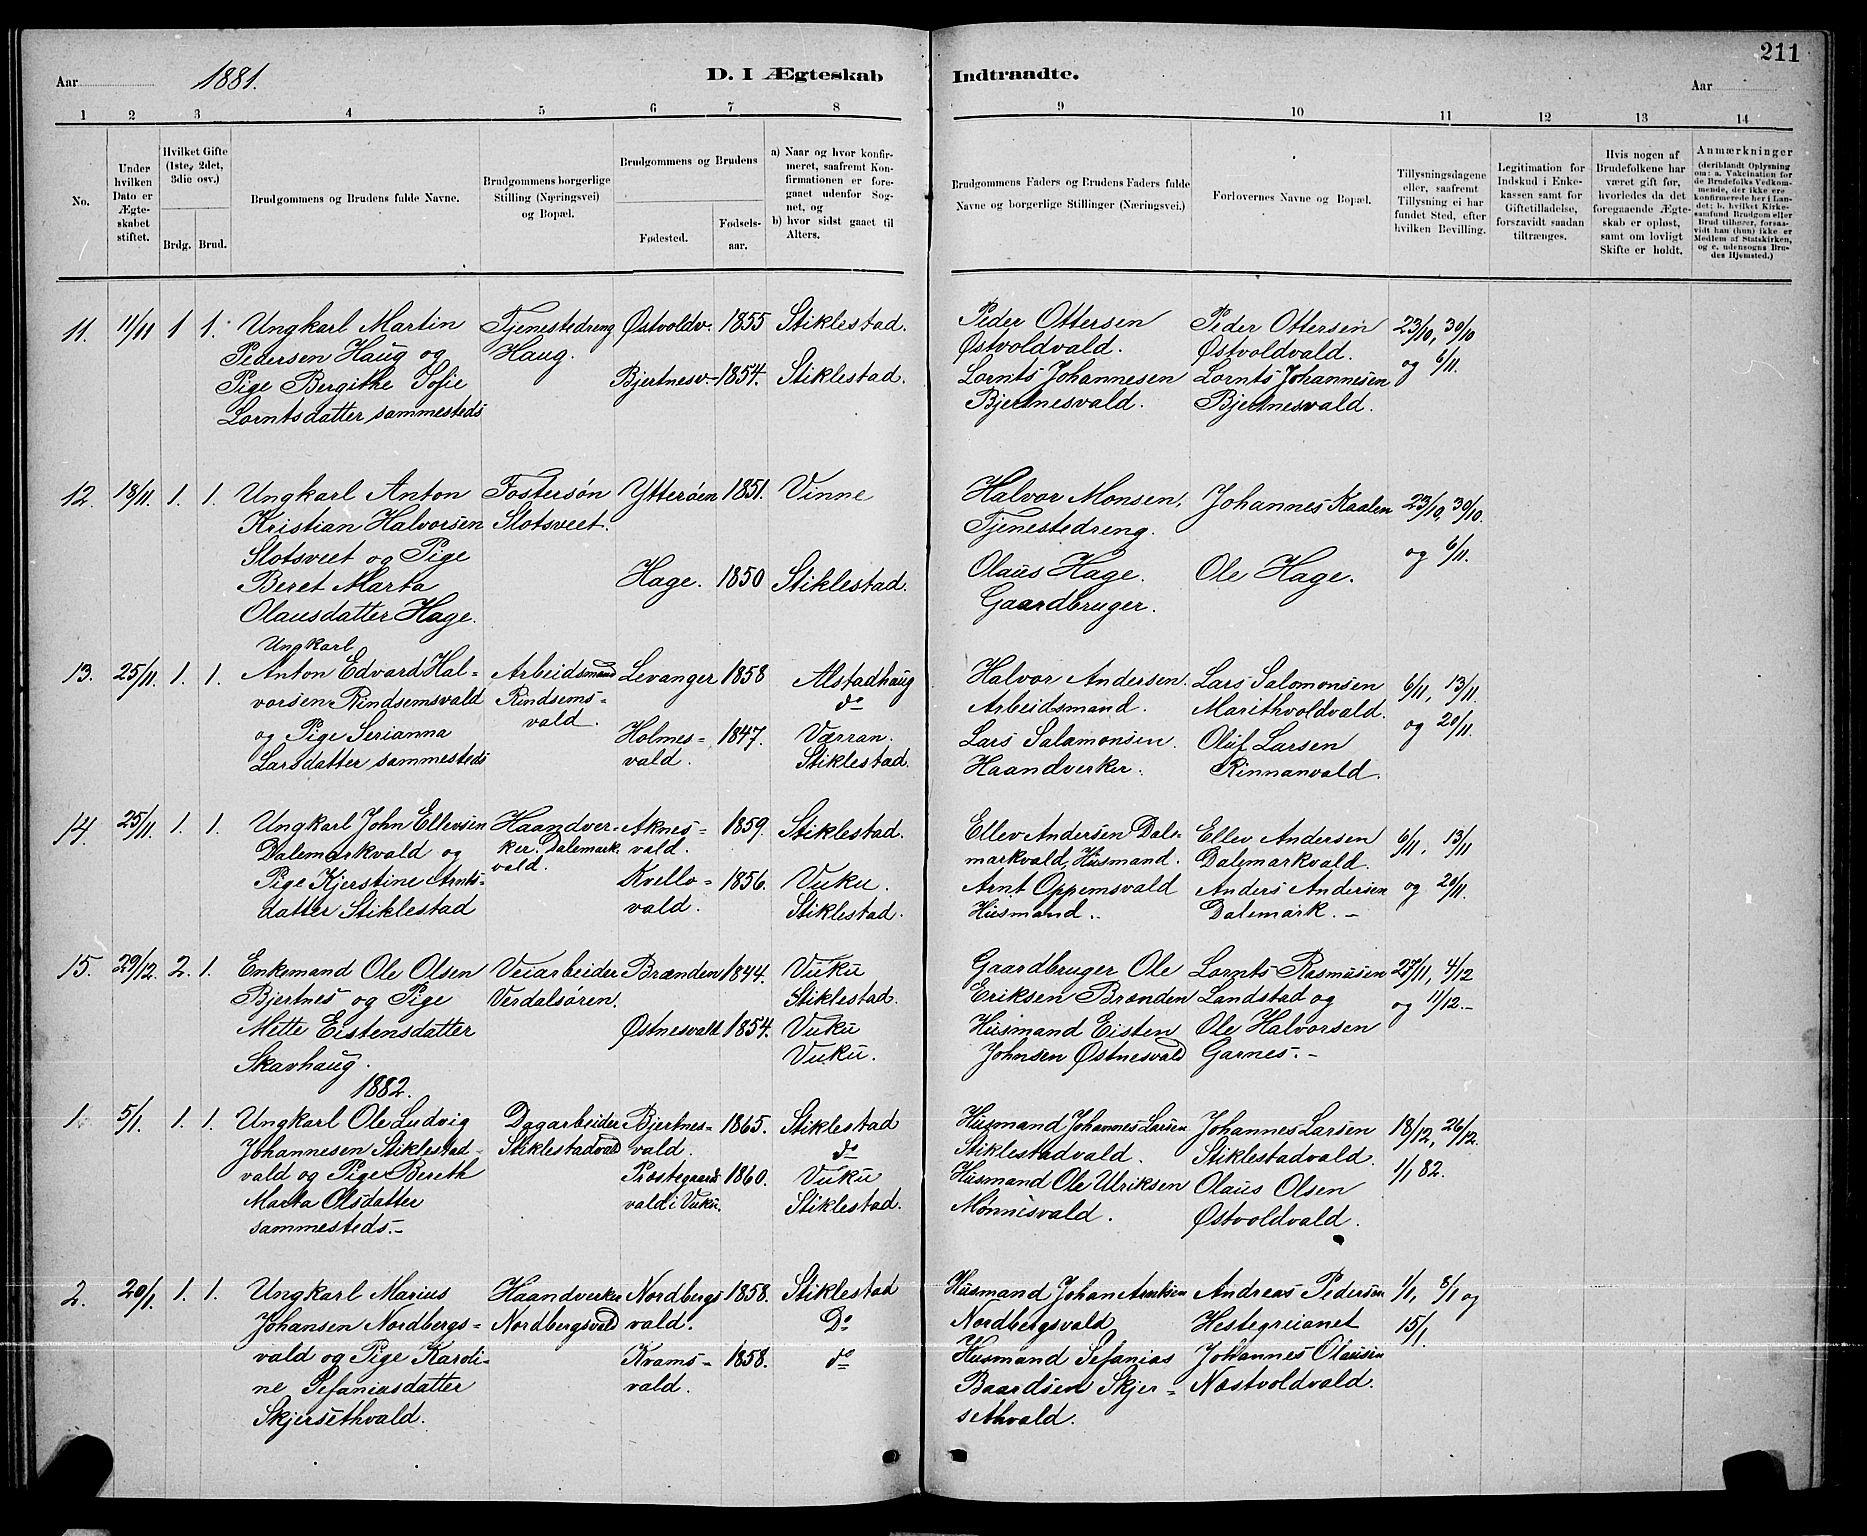 SAT, Ministerialprotokoller, klokkerbøker og fødselsregistre - Nord-Trøndelag, 723/L0256: Klokkerbok nr. 723C04, 1879-1890, s. 211